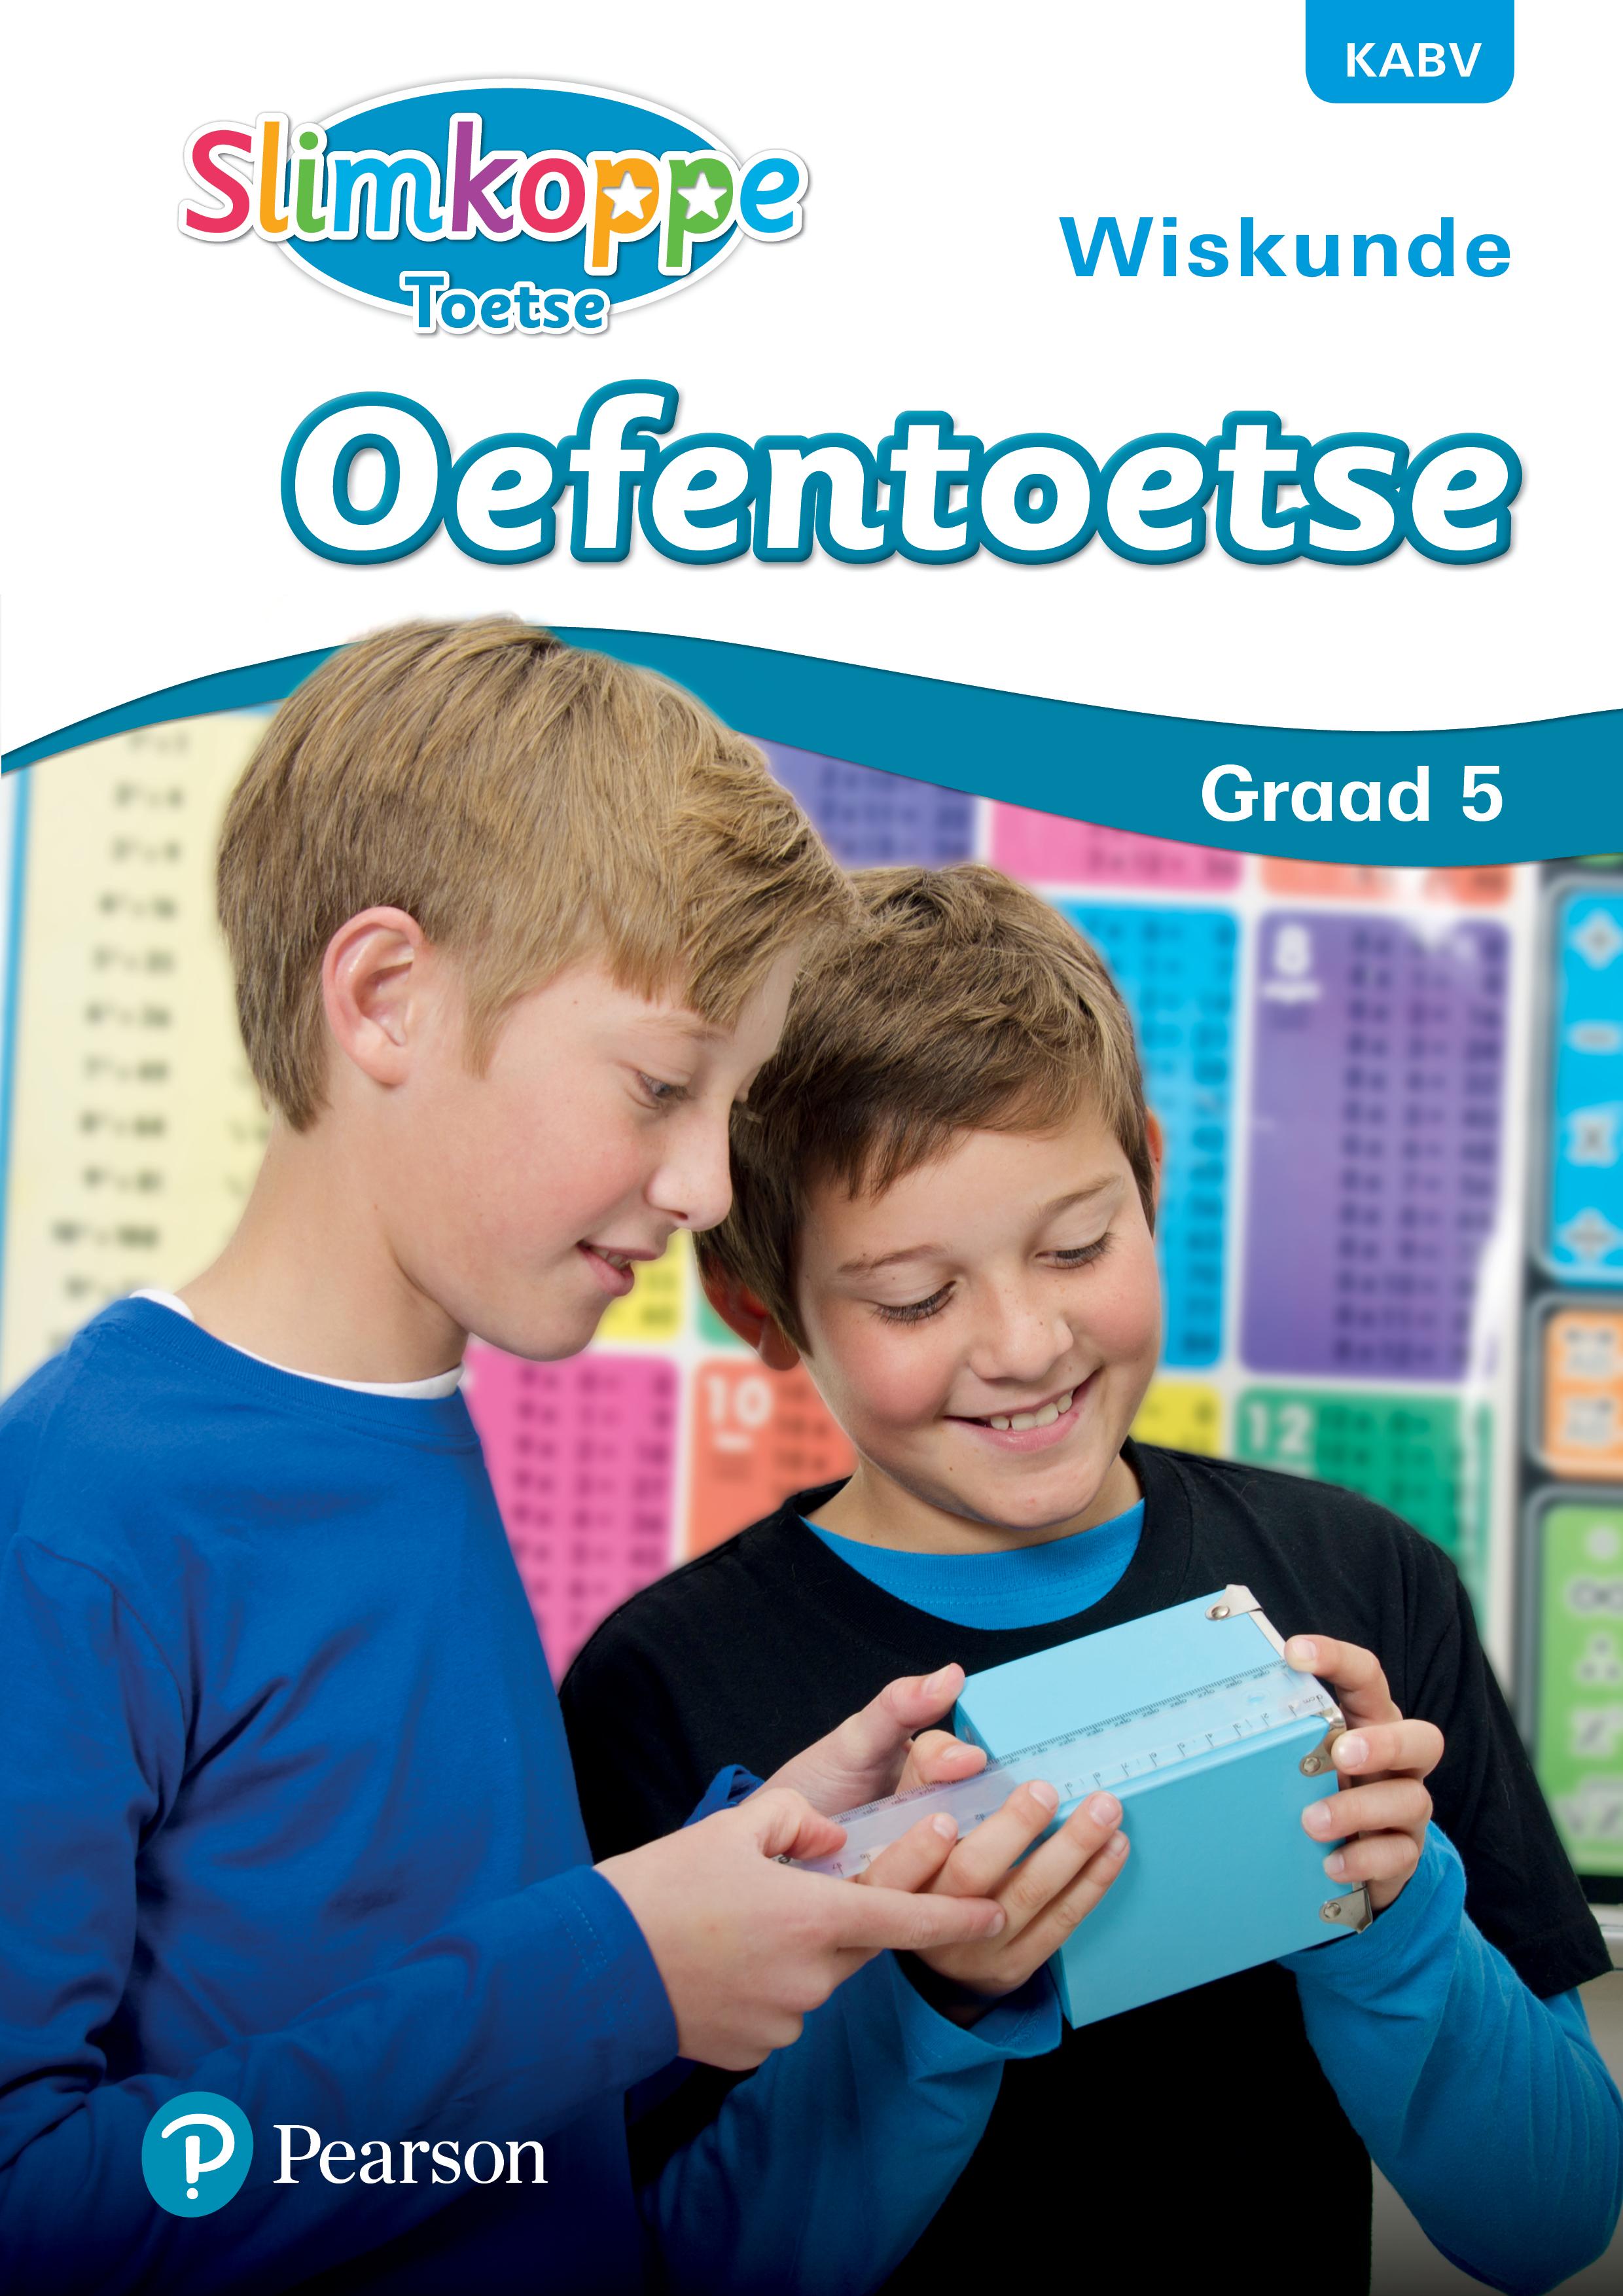 Picture of Slimkoppe Wiskunde: Slimkoppe Toetse: Wiskunde: Grade 5: Oefentoetse Gr 5: Oefentoetse